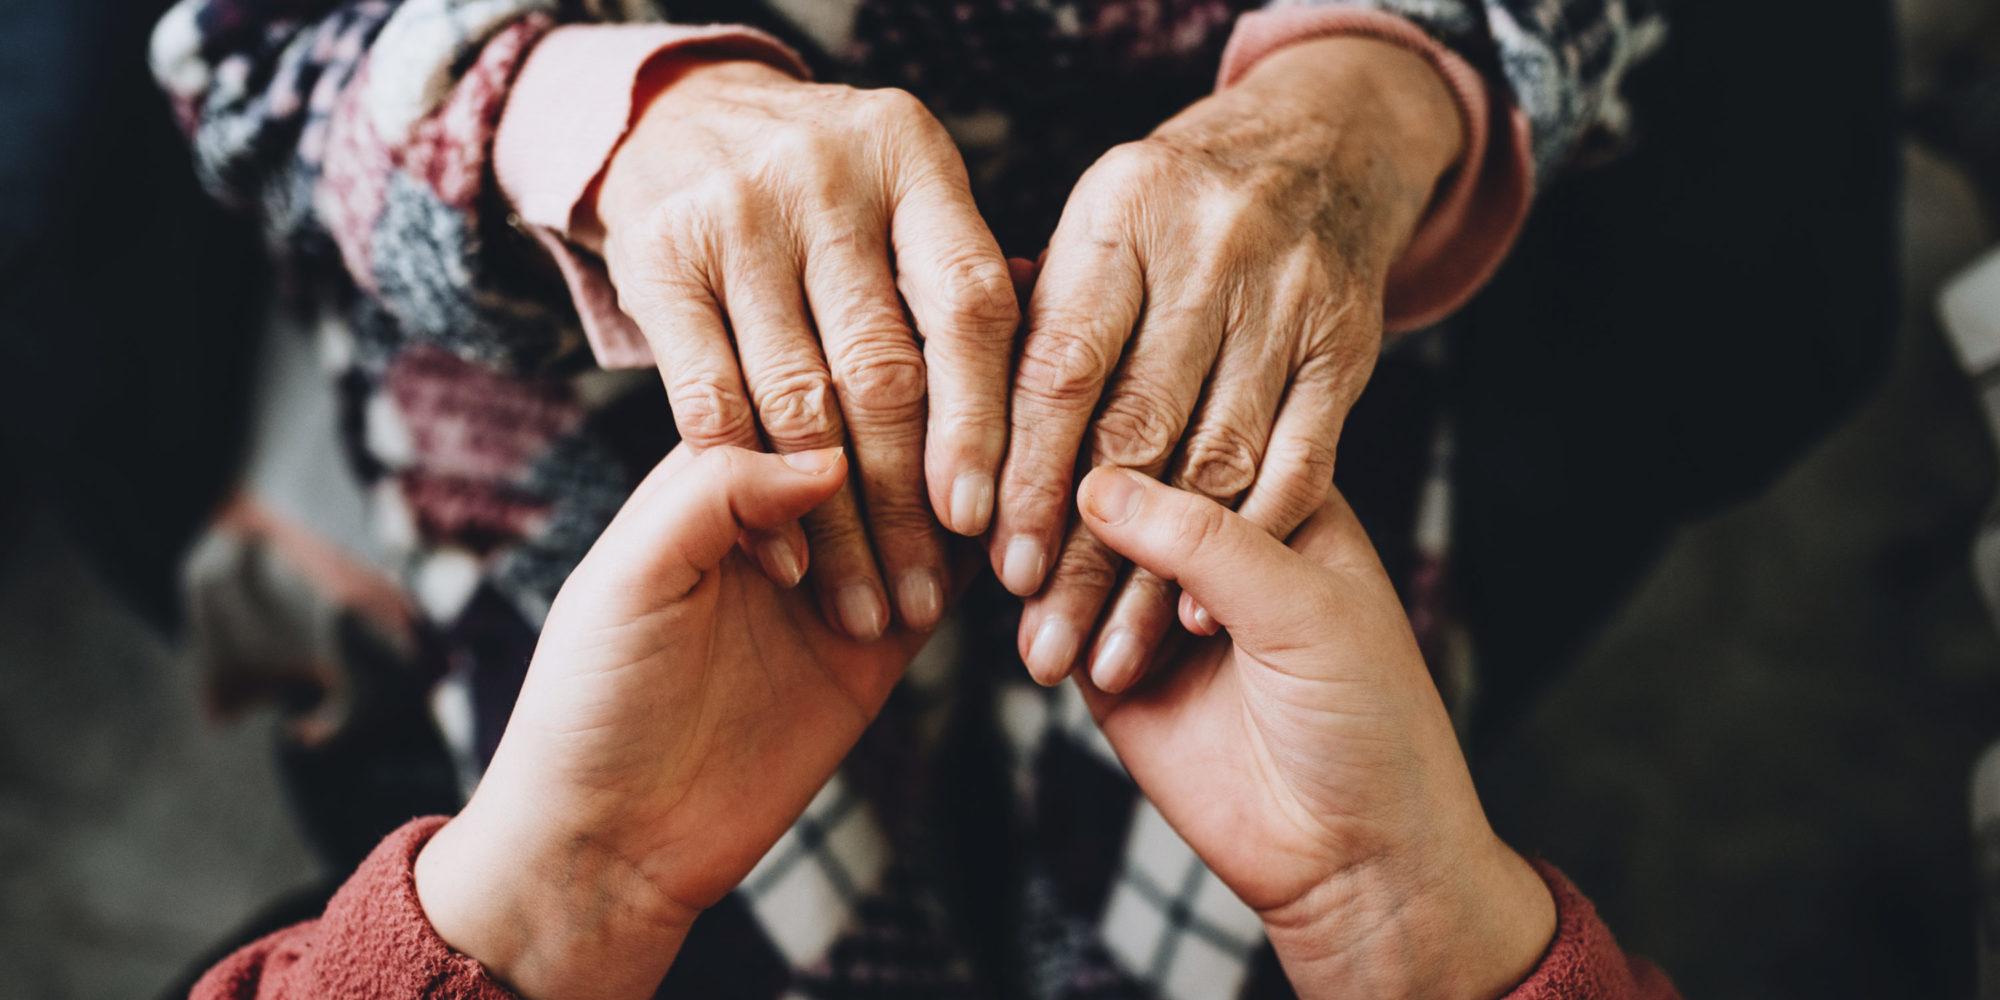 Zwei Menschen legen ihre Hände ineinander